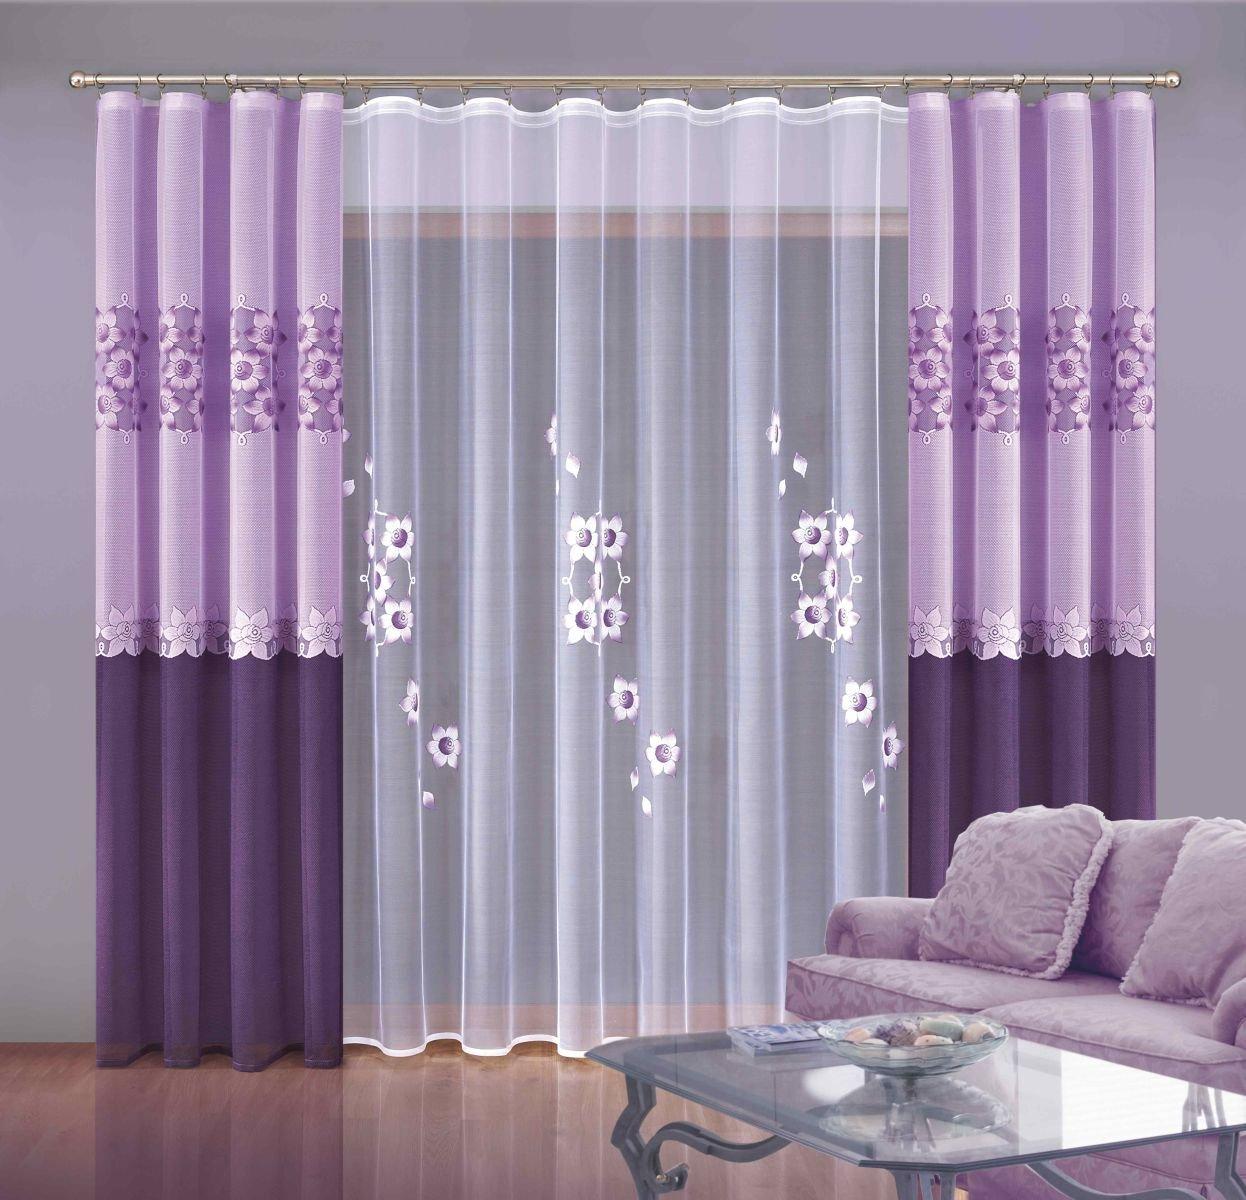 Unbekannt Vorhang - Gardinen - Set - Deckogardinen - 2 x 150x250 + 300x250 - HELL und DUNKEL LILA - mit Blumen bestickt